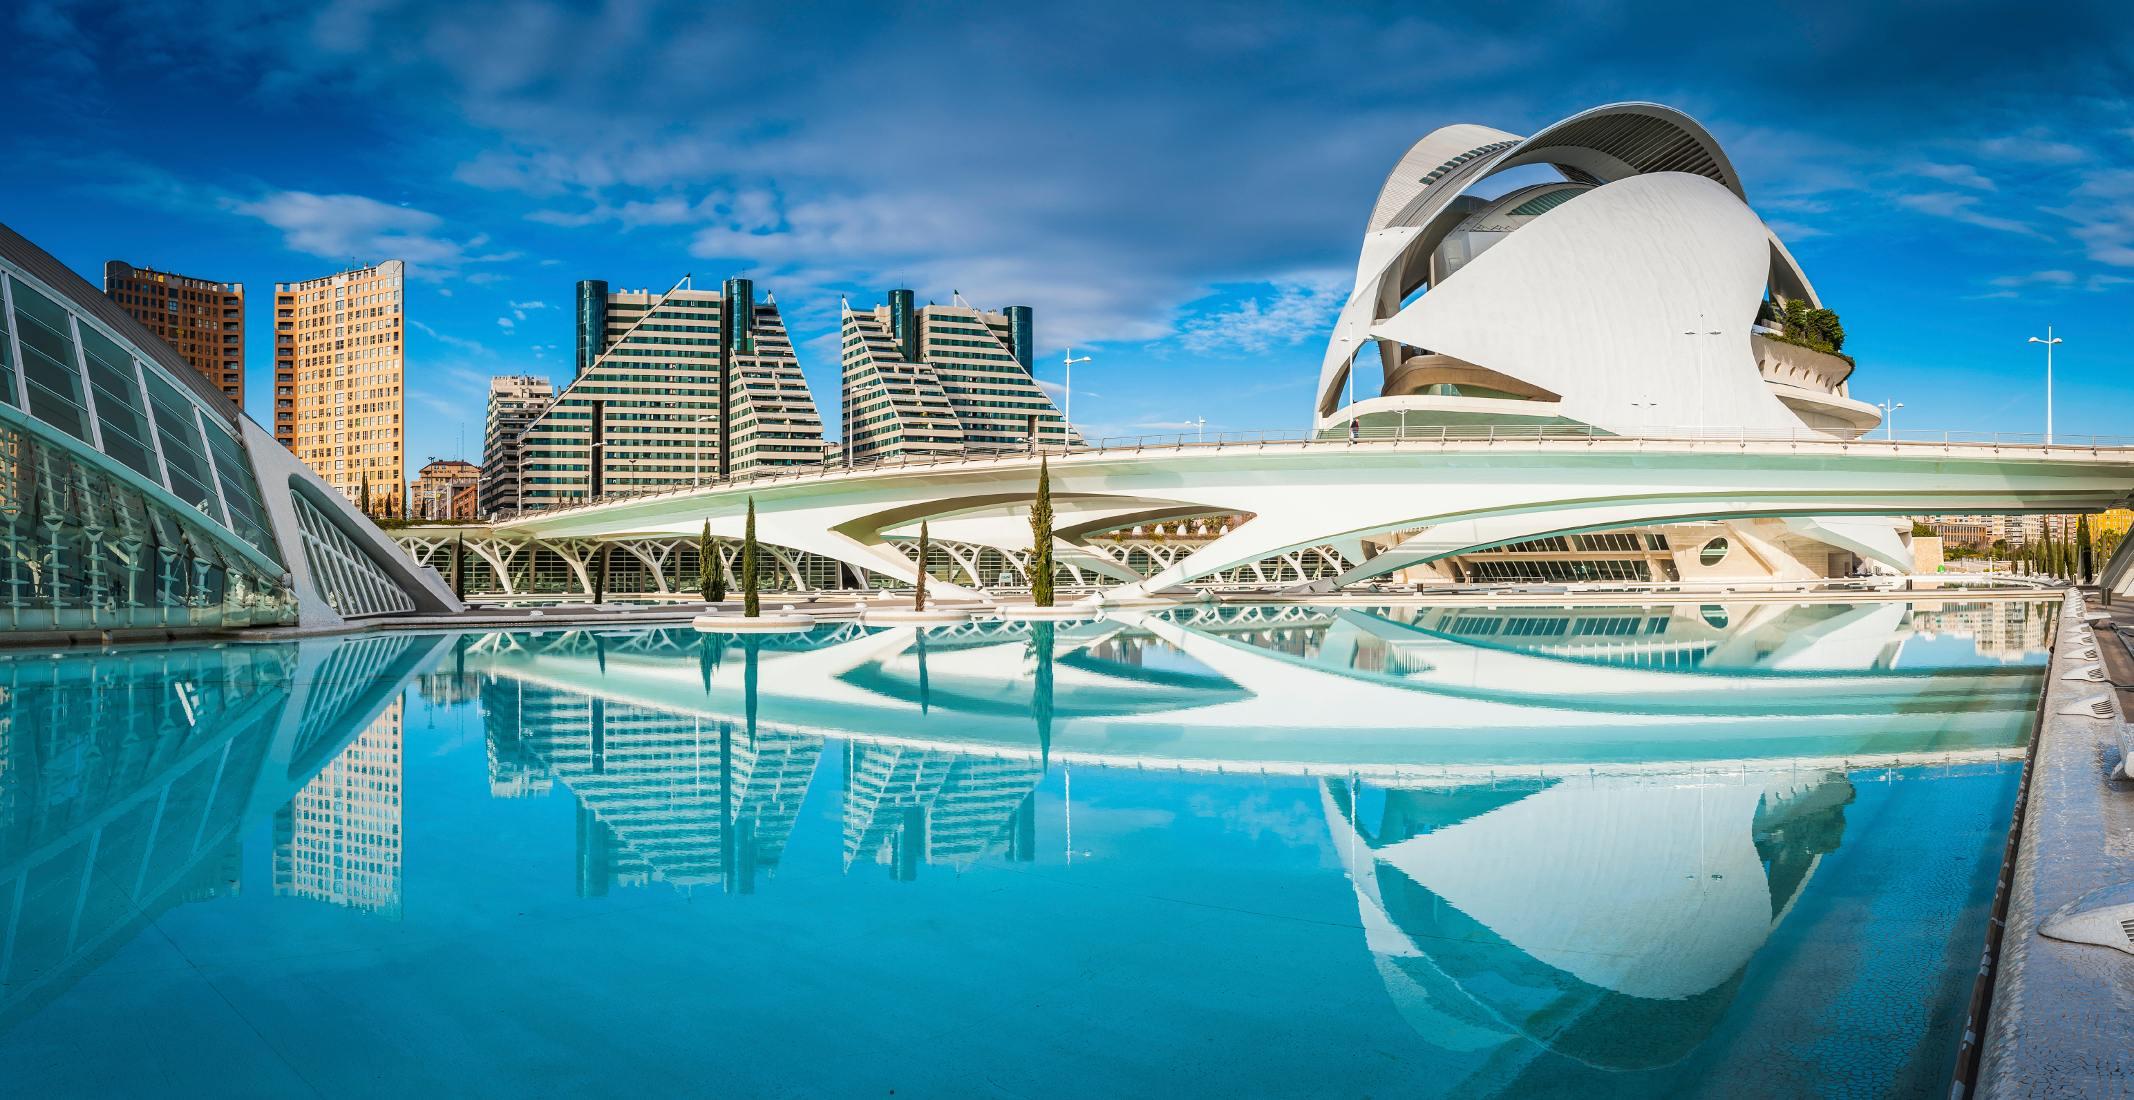 Valencie - město vědy a umění